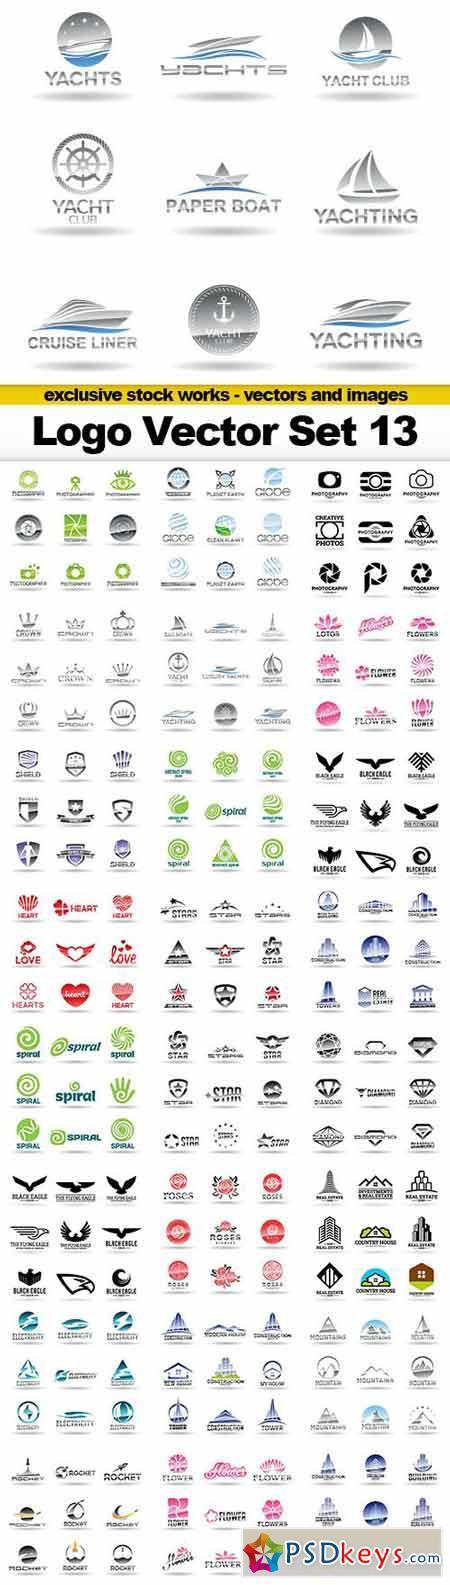 Logo Vector Set 13 - 25xEPS